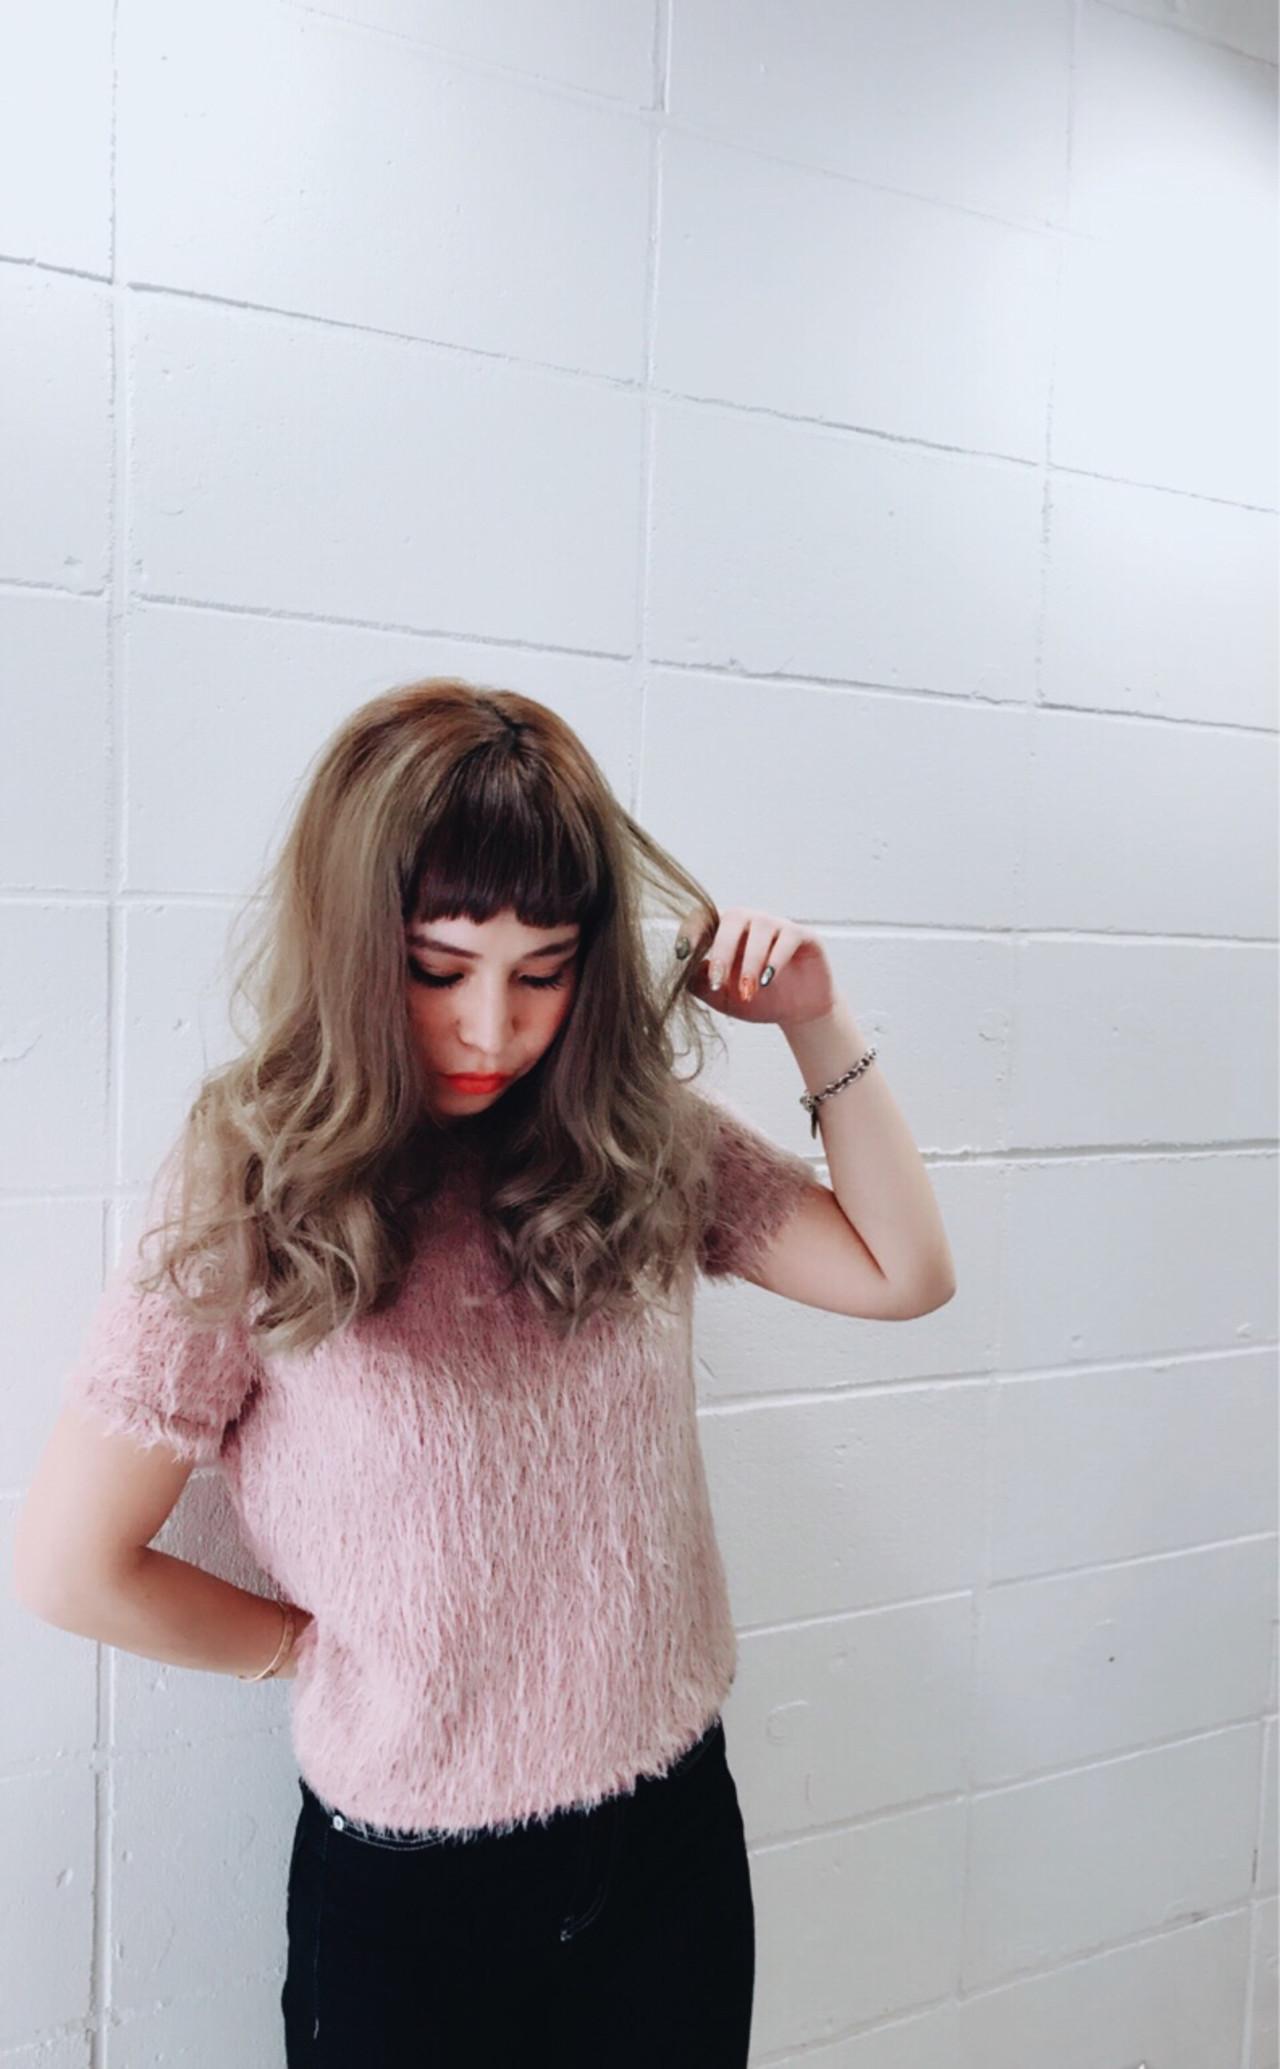 セミロング ガーリー 前髪あり 大人女子 ヘアスタイルや髪型の写真・画像 | minori..miyauchi /